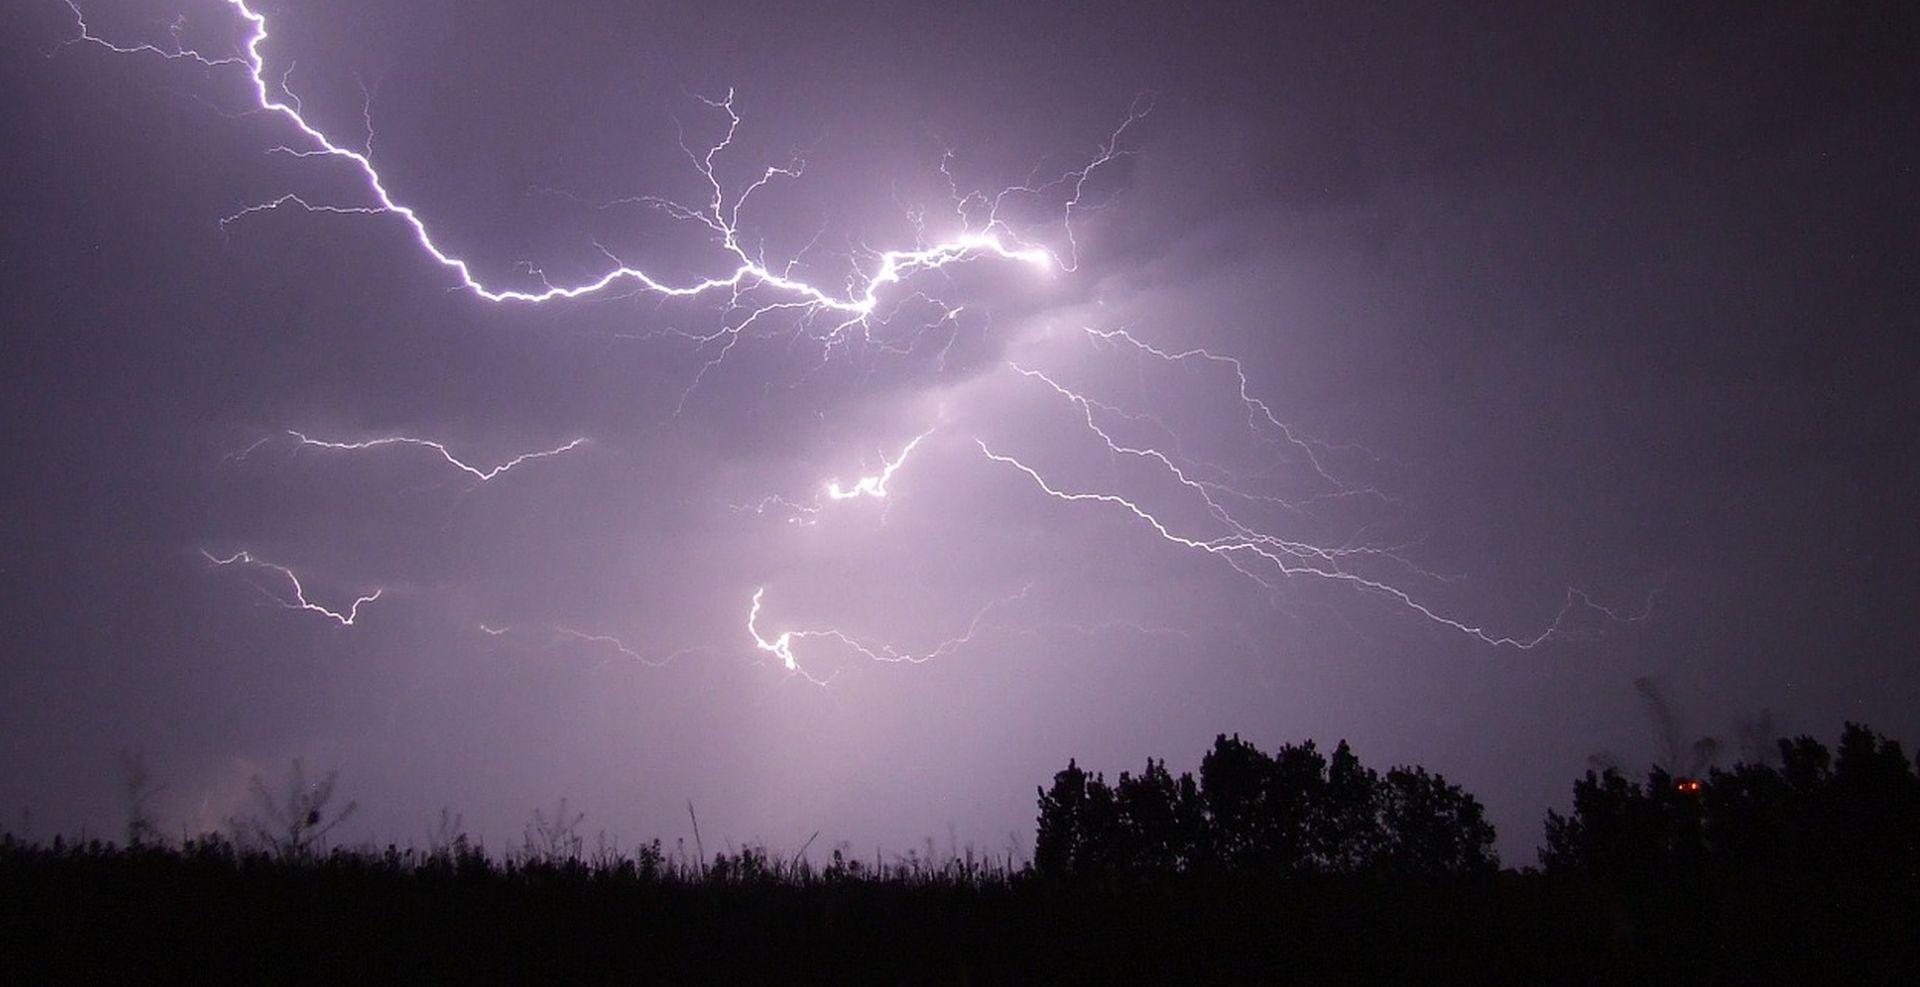 2000 MUNJA U 2 SATA Oluja u Istri: Vjetar rušio stabla, udari dostizali 130 km/h